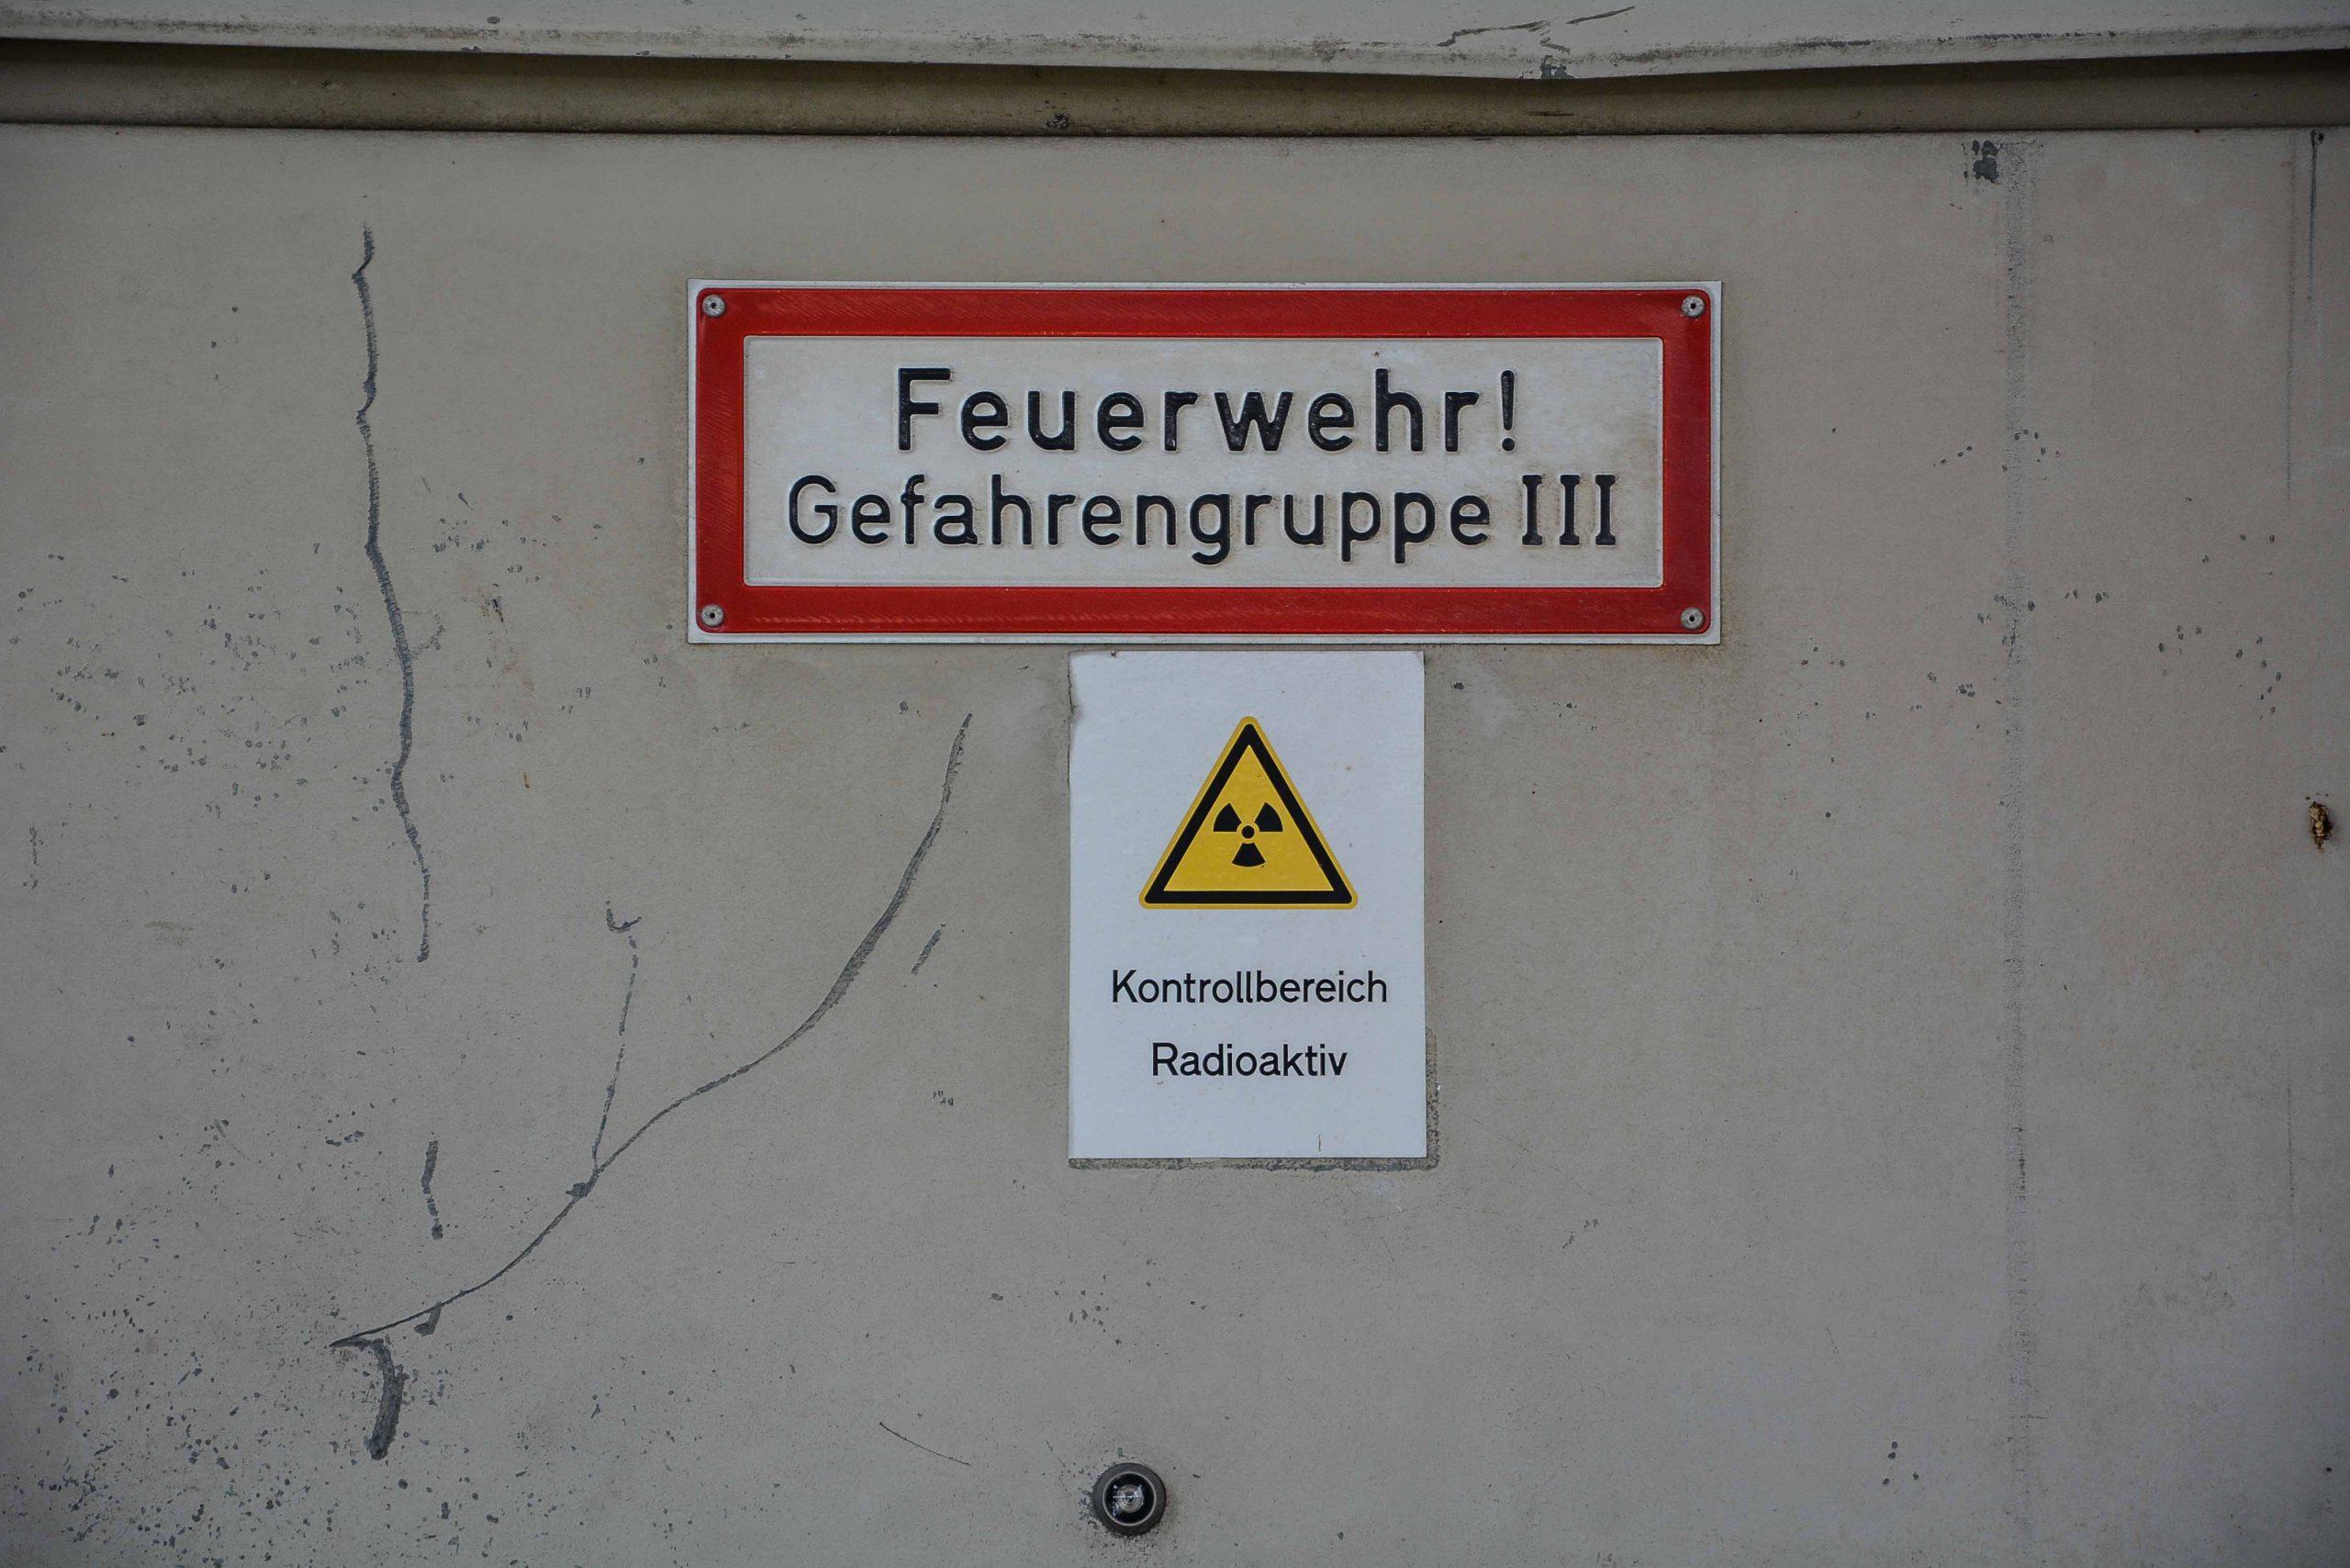 radioaktiv zeichen kernkraftwerk greifswald nuclear powerplant ost deutschland east germany gdr DDR mecklenburg vorpommern